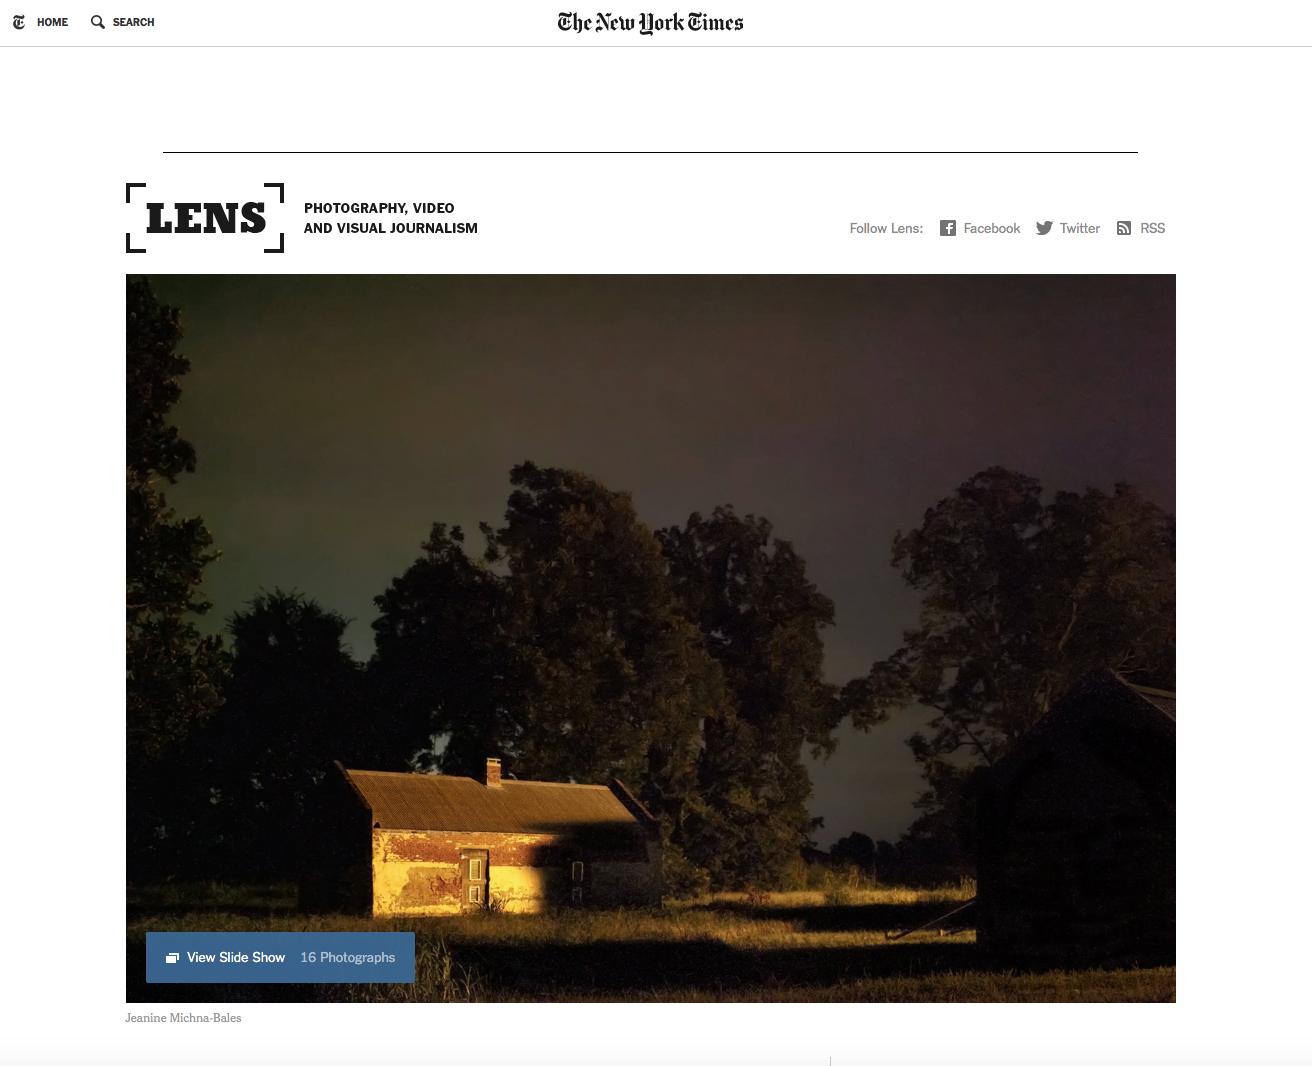 NYTimes_TDTL.jpg